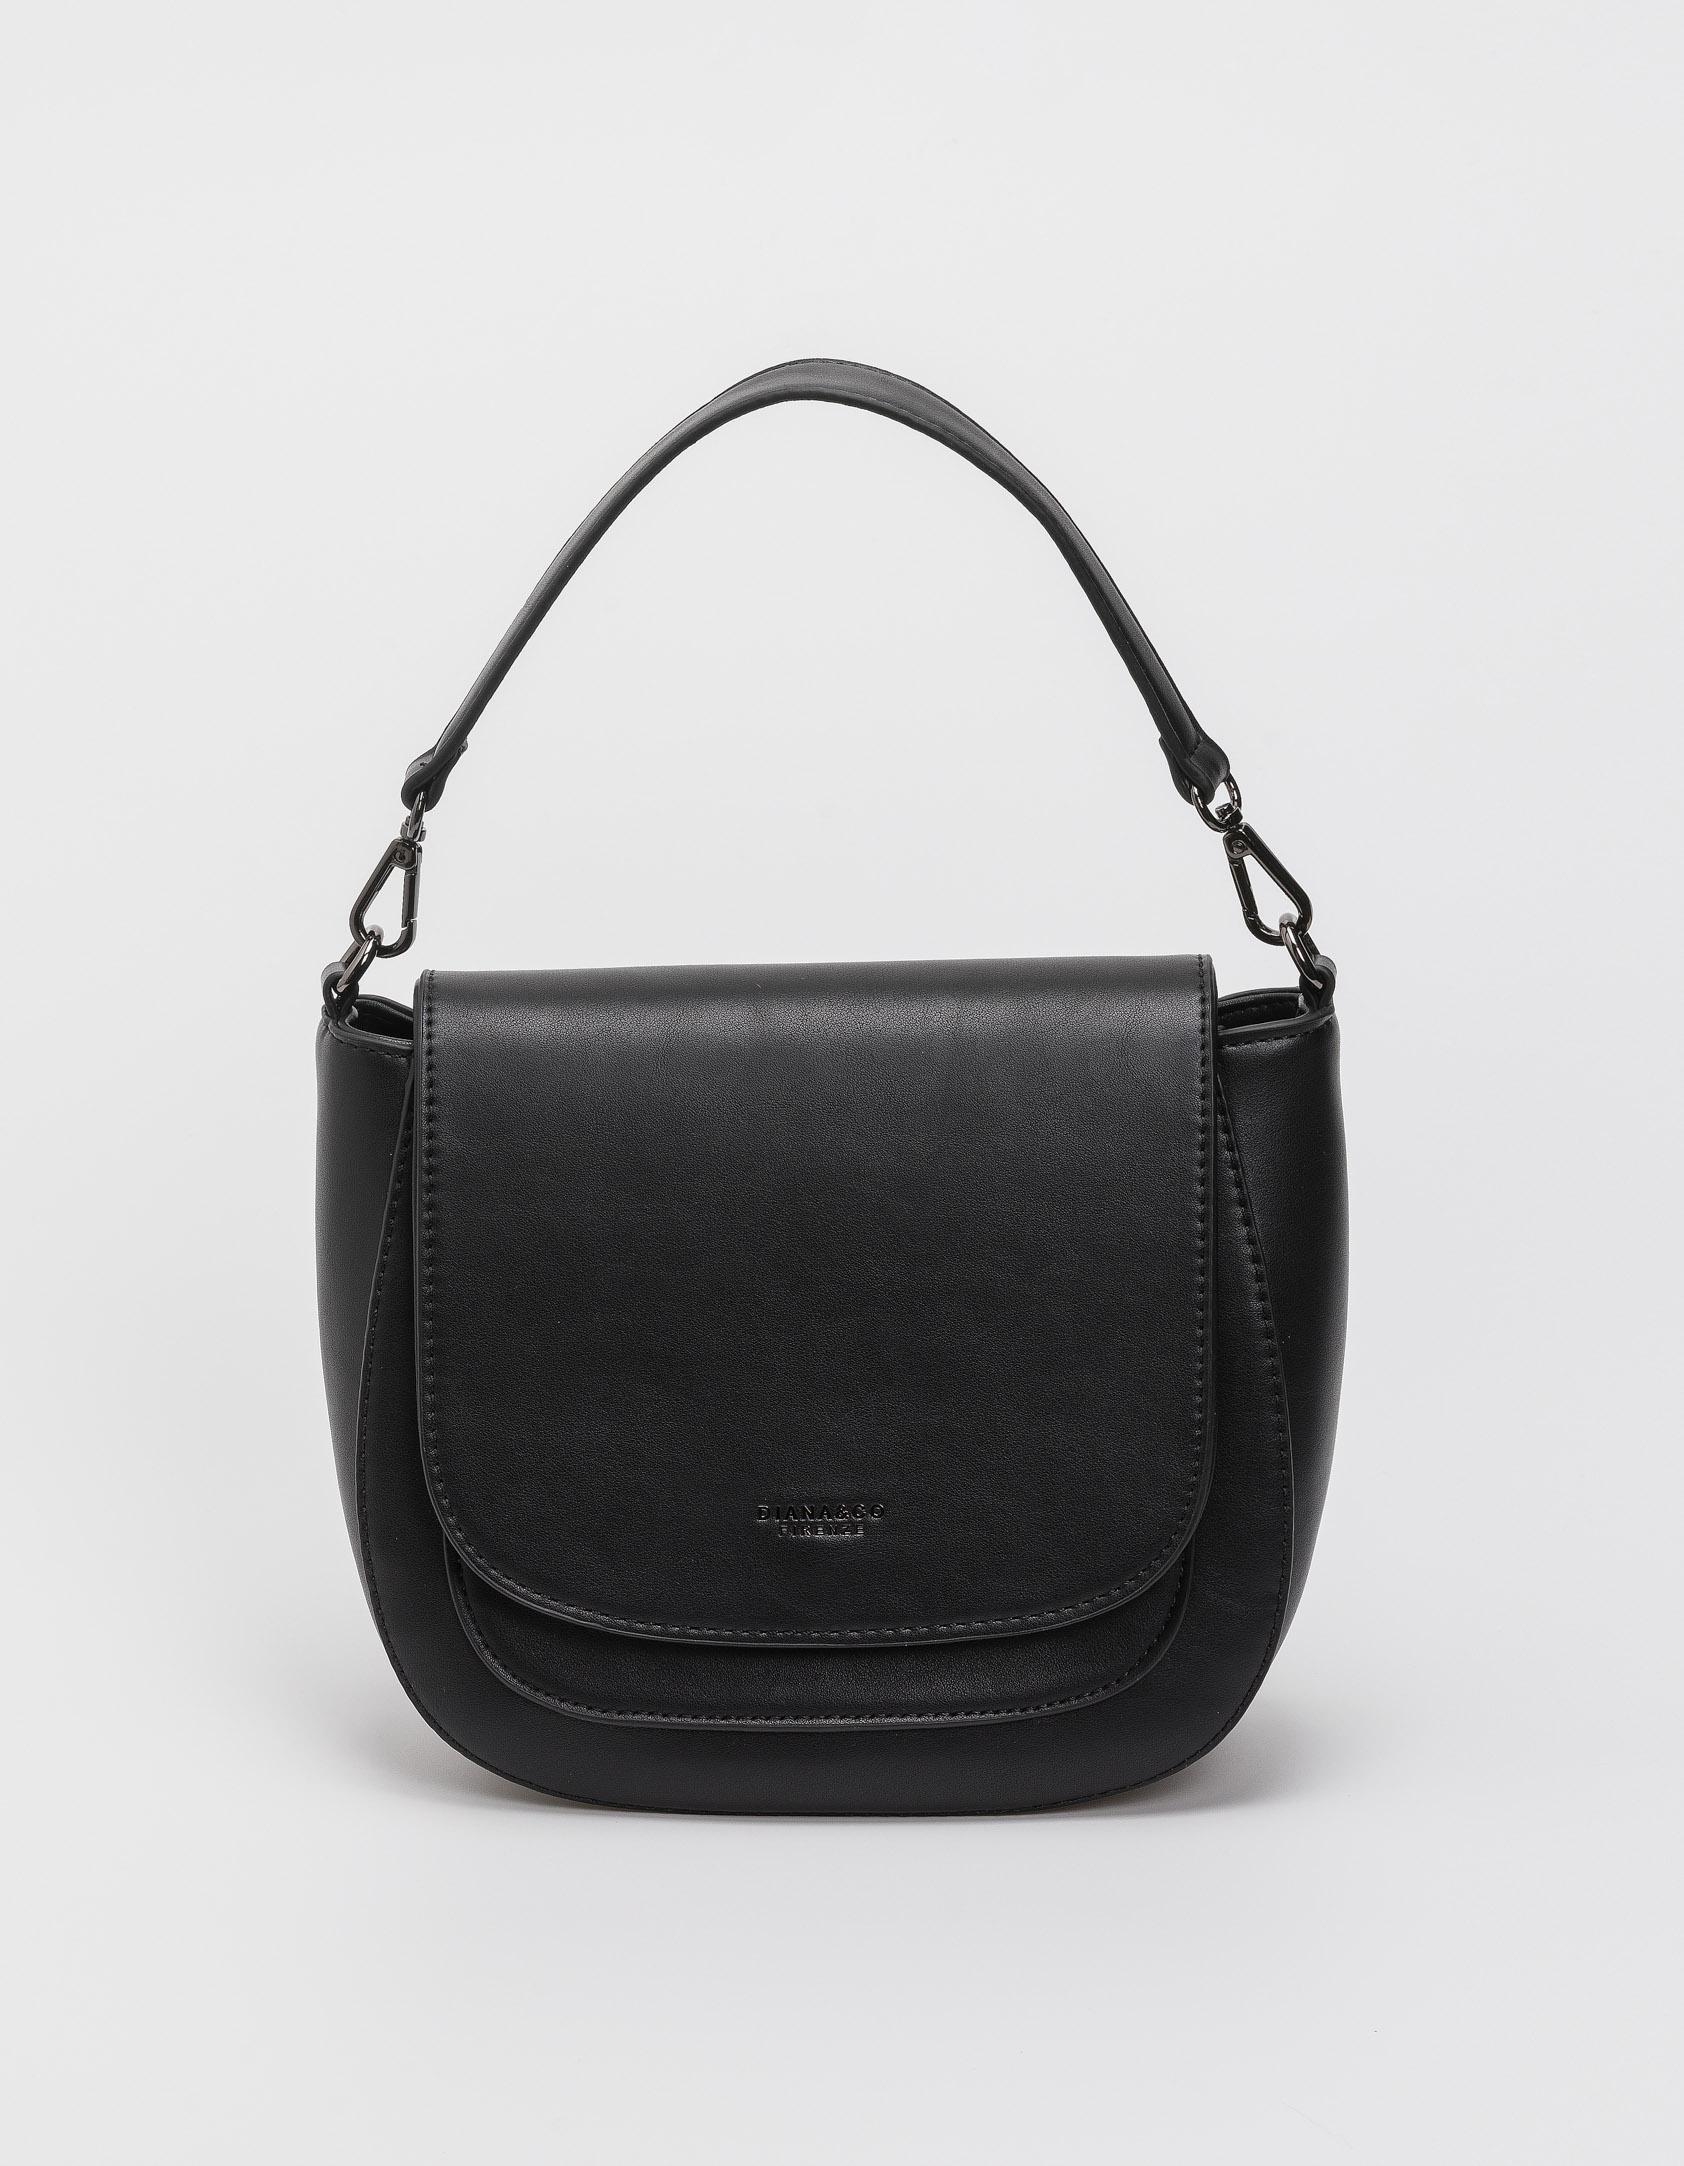 Τσάντα ώμου με καπάκι - Μαύρο